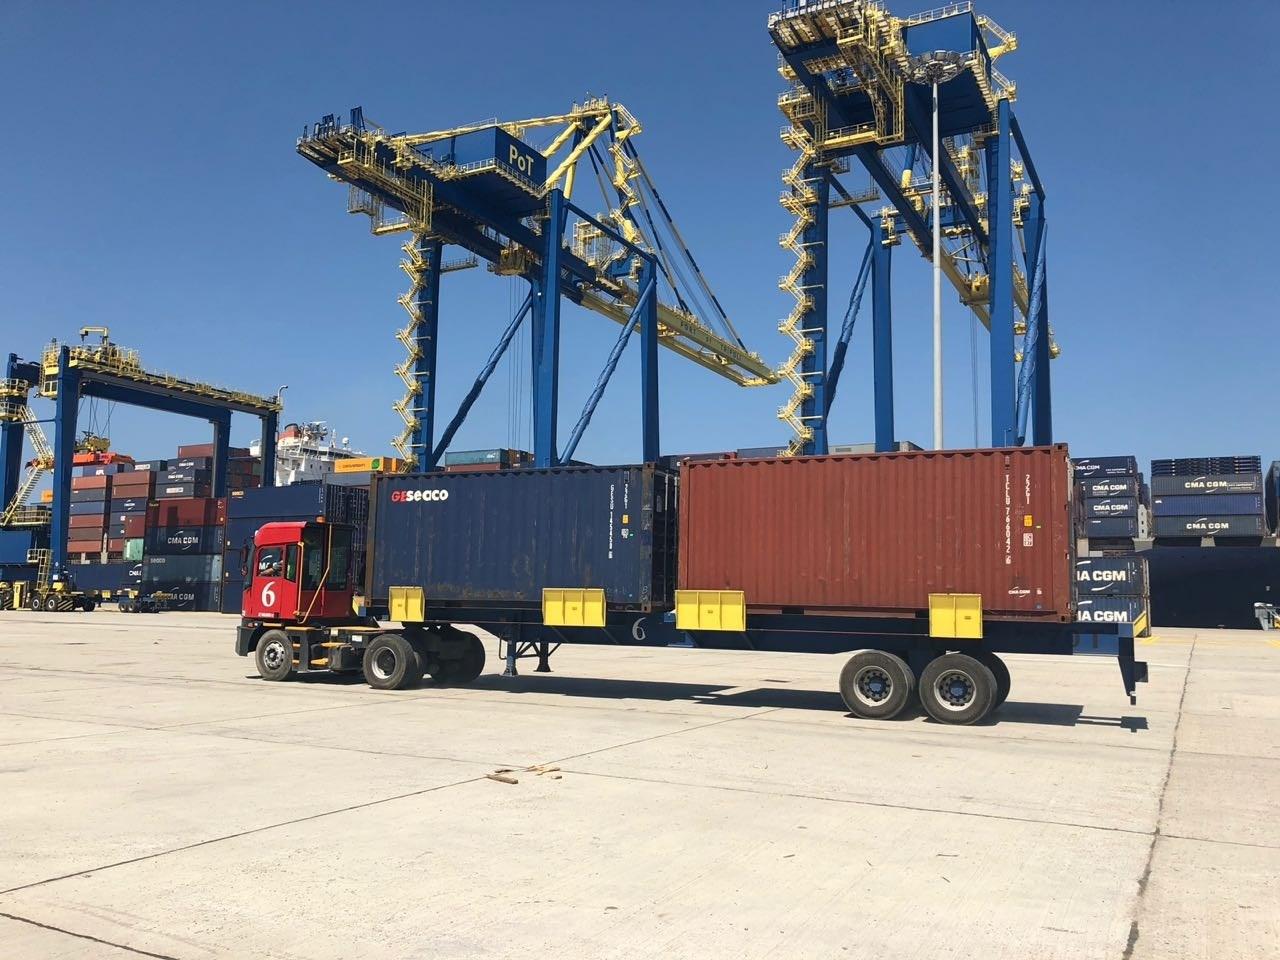 نقل حاويات بالشحن البري في مرفأ طرابلس